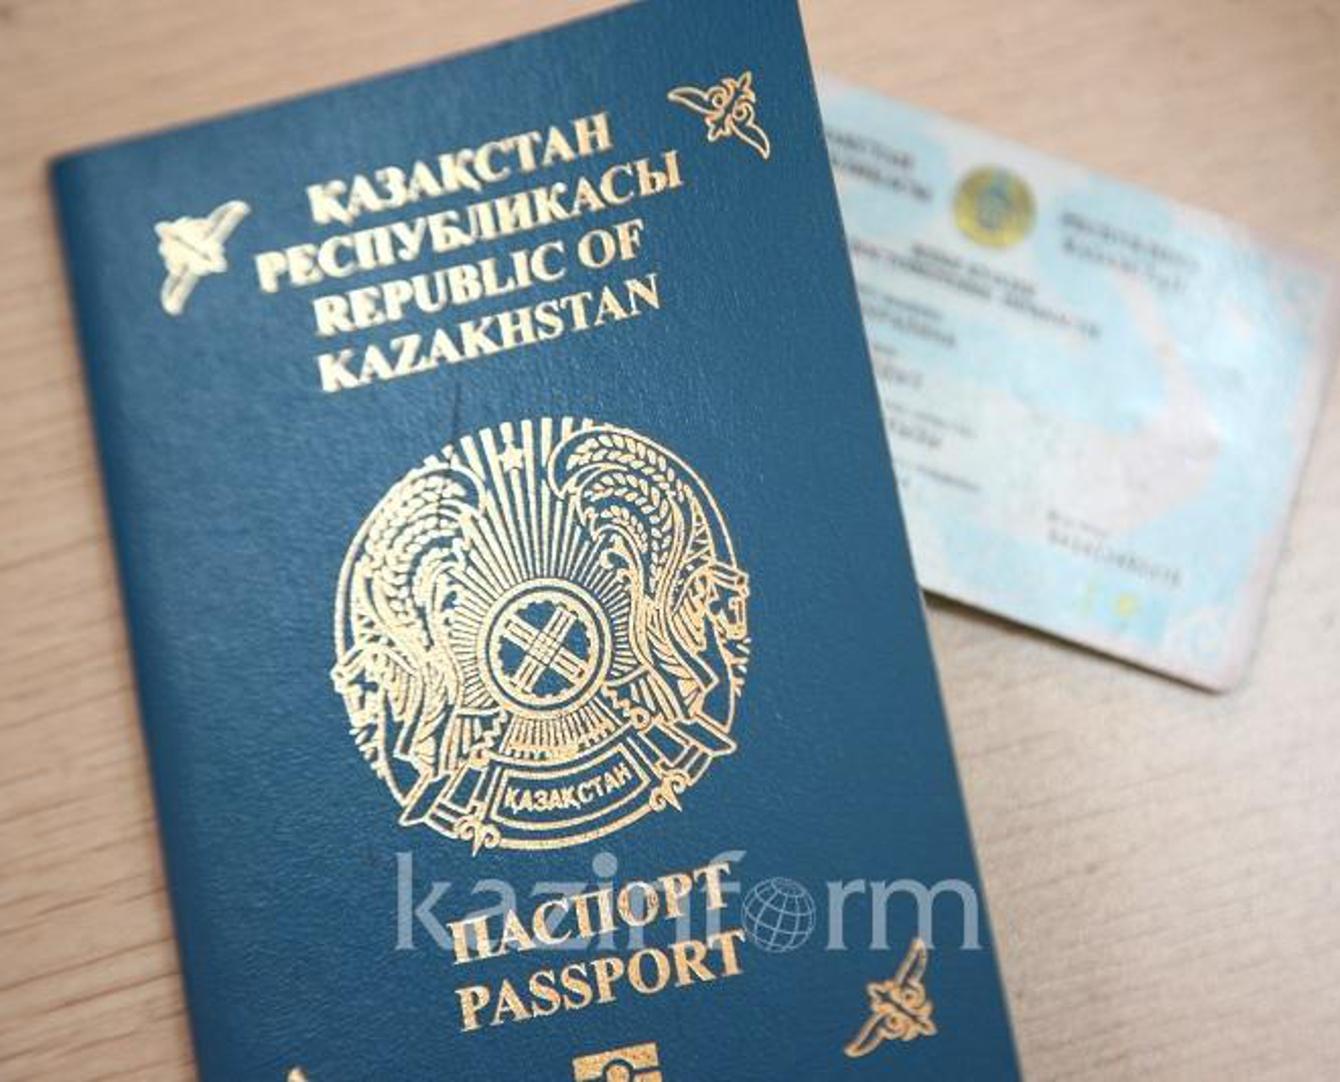 Поправку о лишении гражданства за терроризм одобрило Правительство